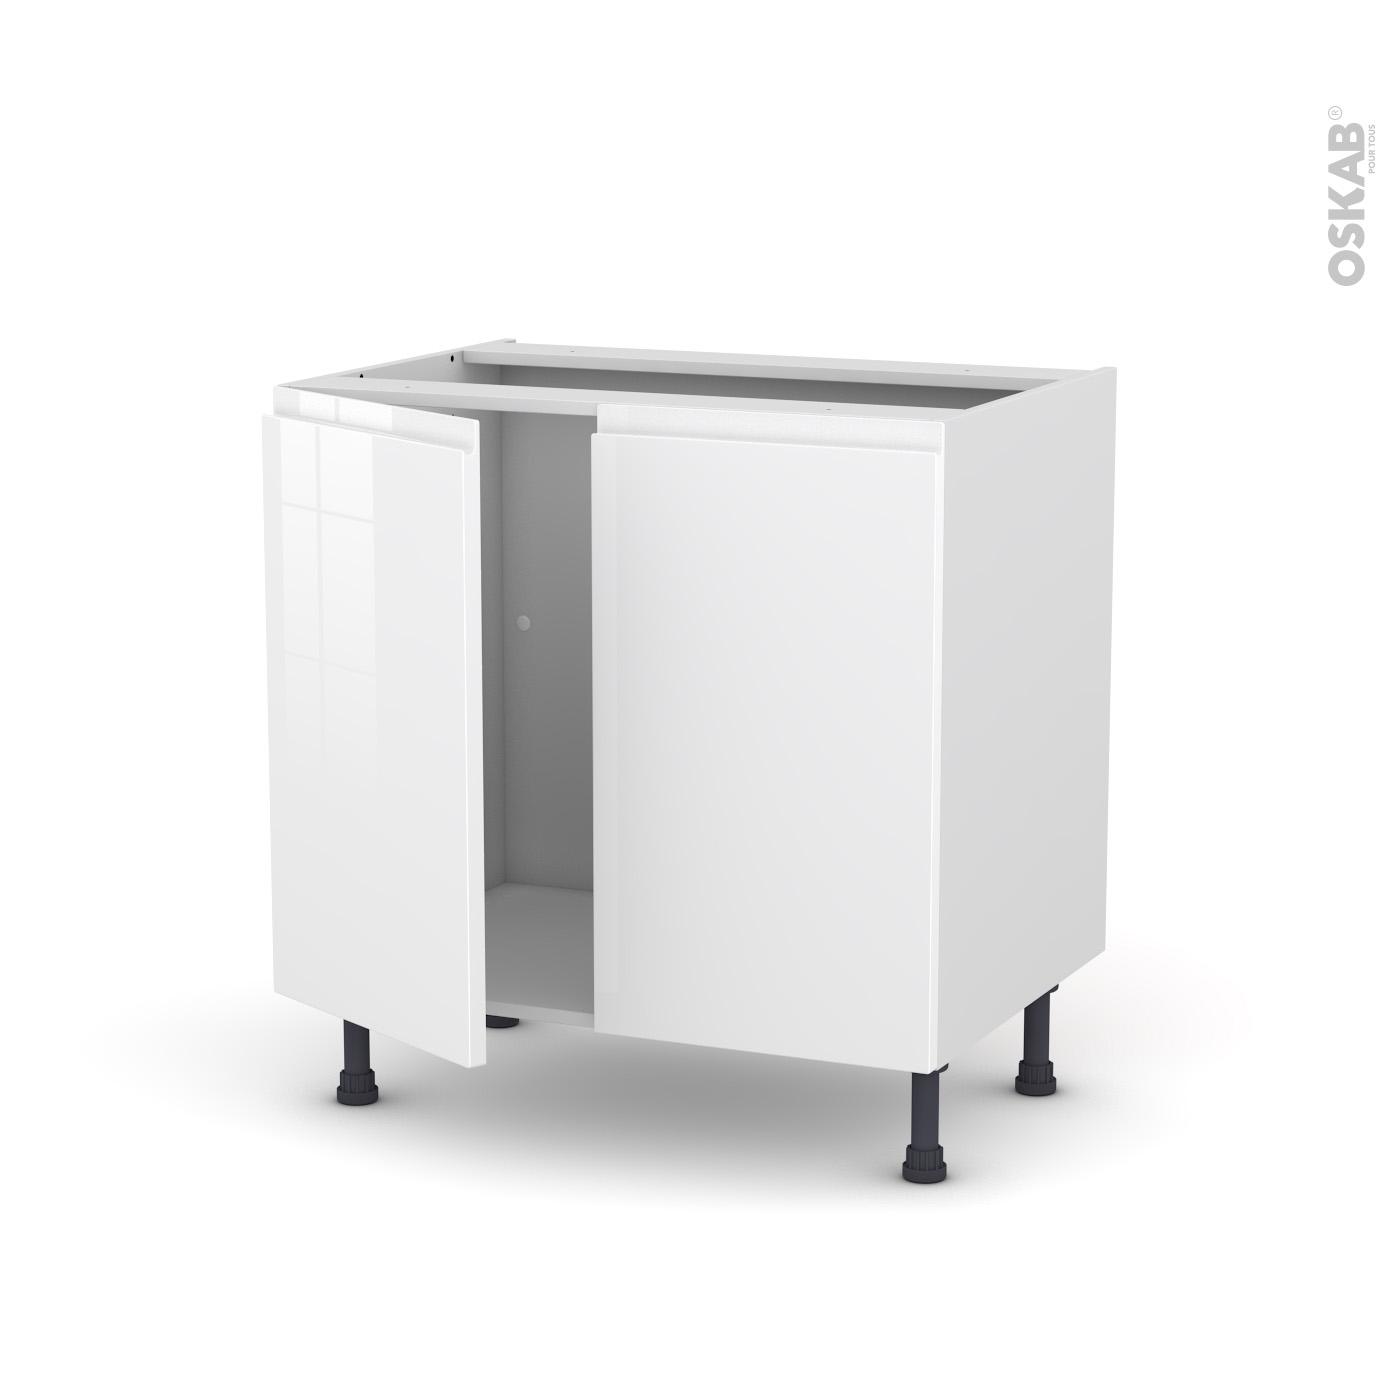 Meuble Cuisine Ikea Vide Sanitaire meuble de cuisine sous évier ipoma blanc brillant, 2 portes, l80 x h70 x  p58 cm